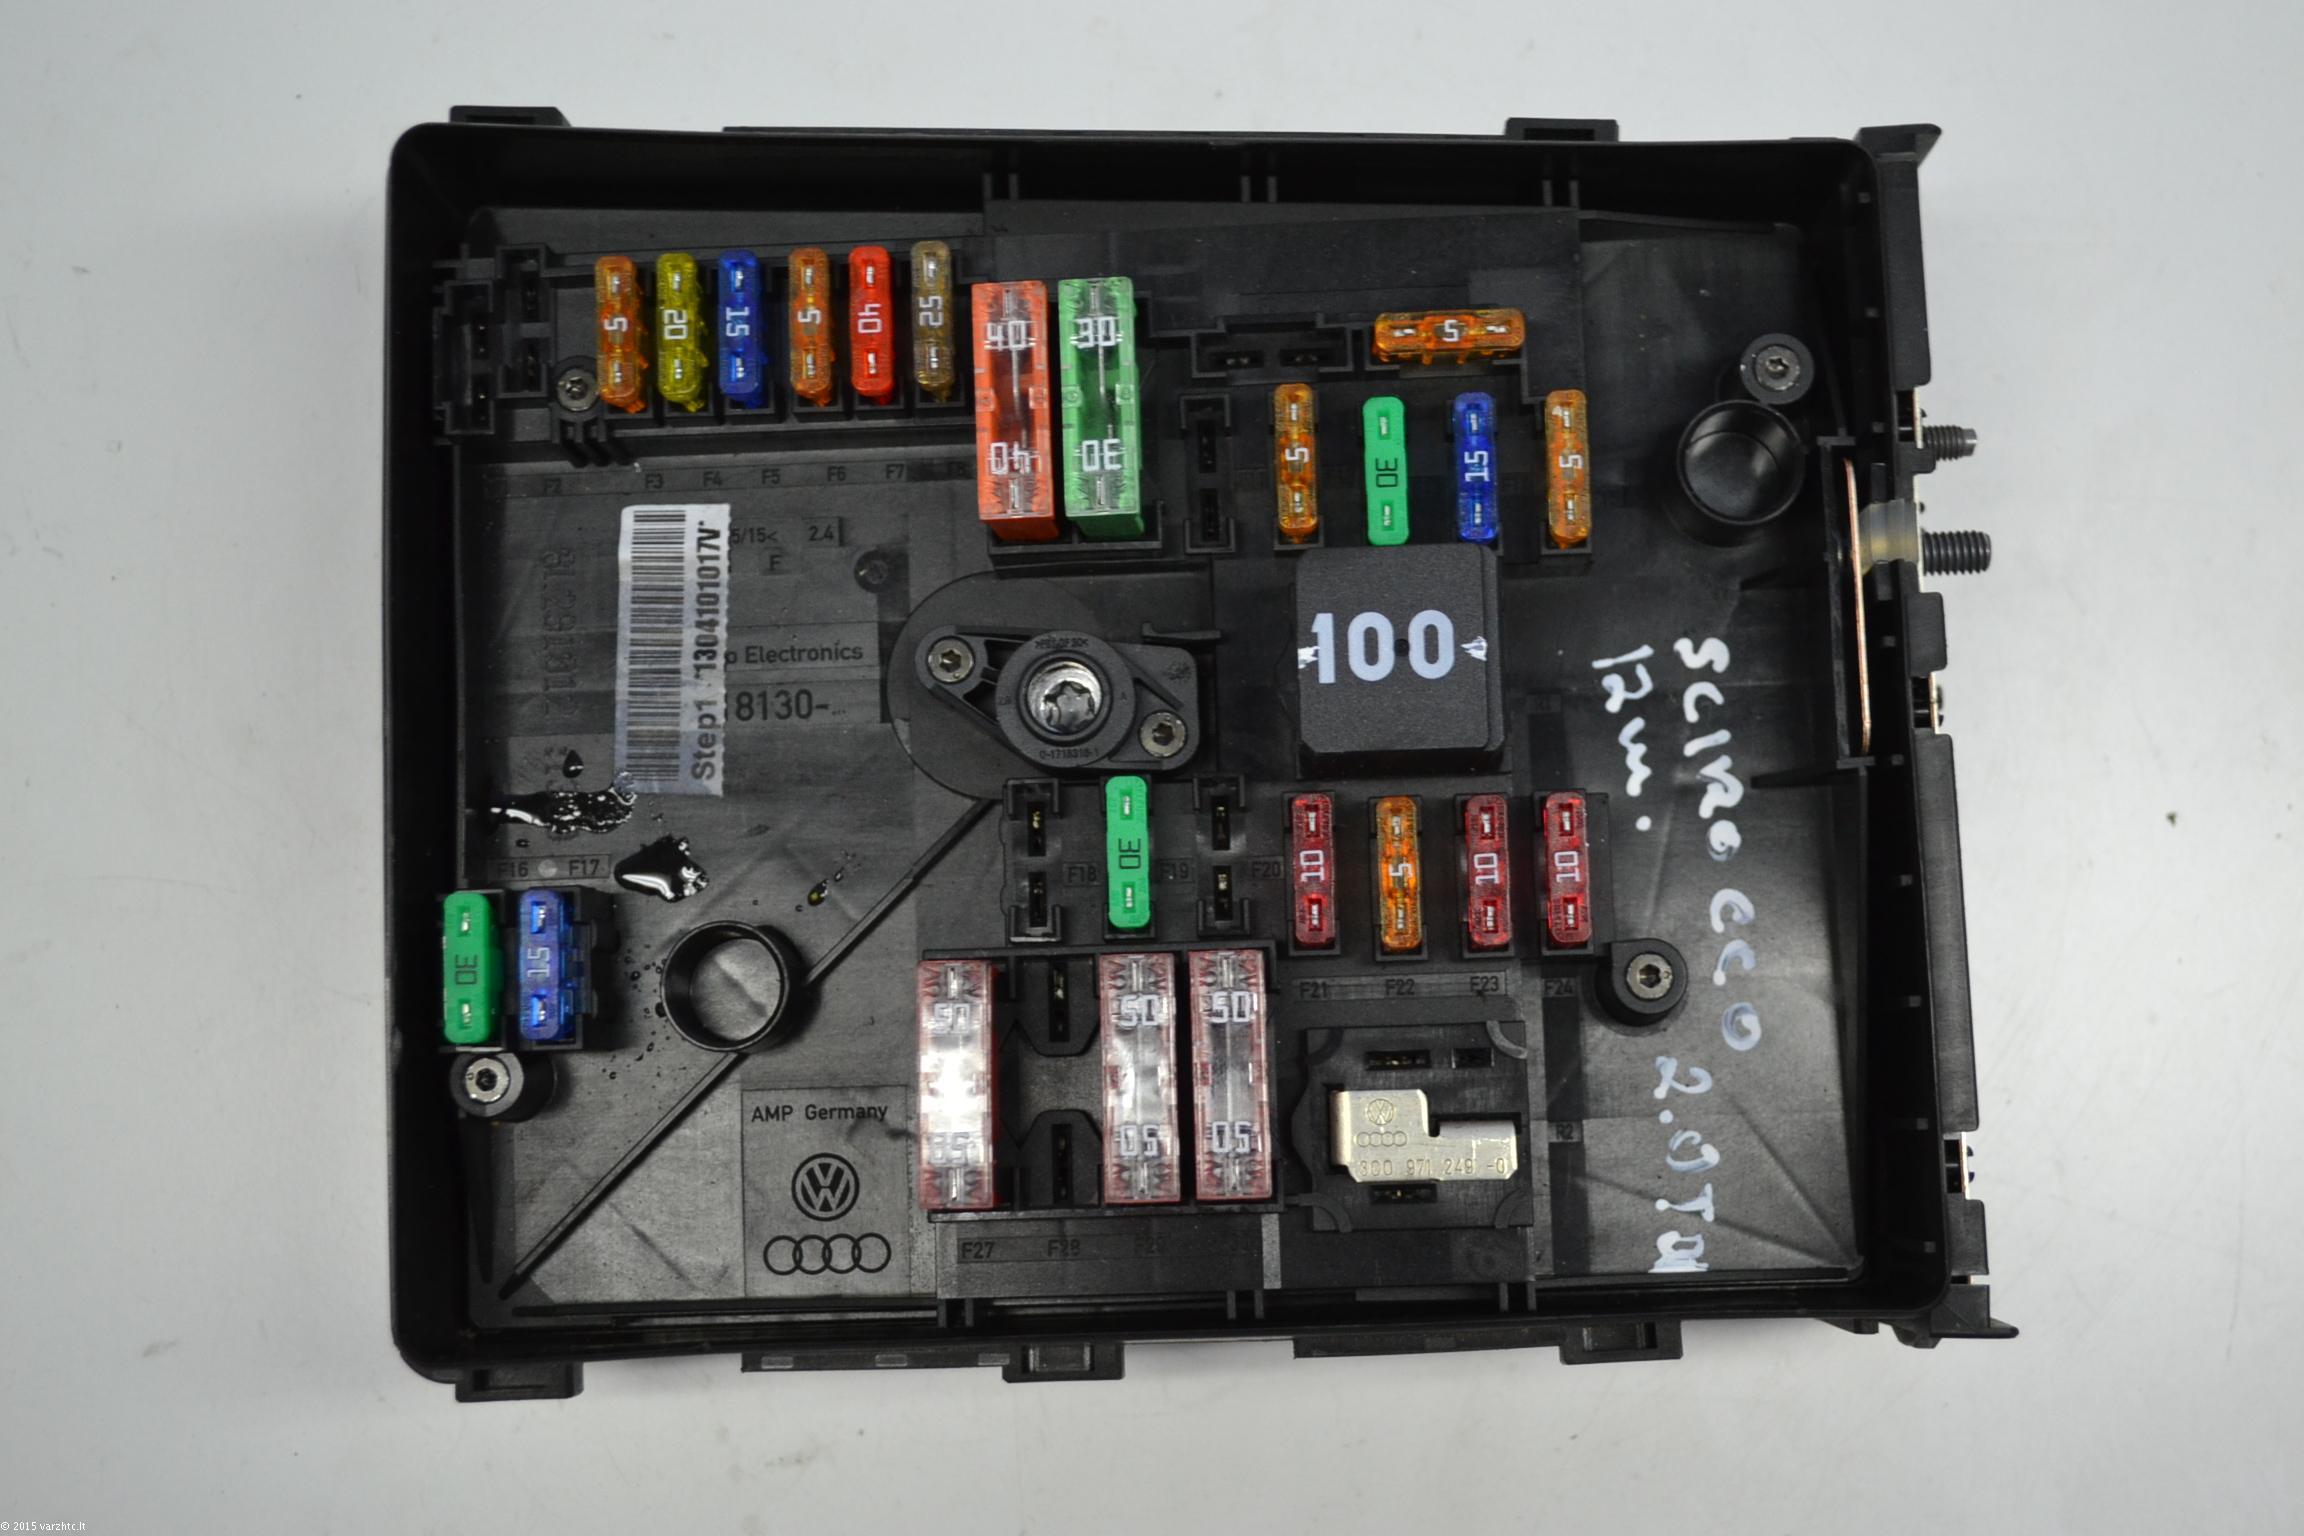 volkswagen vw scirocco jetta eos 2012 2 0tdi fuse box vw eos fuse box location vw eos fuse box layout